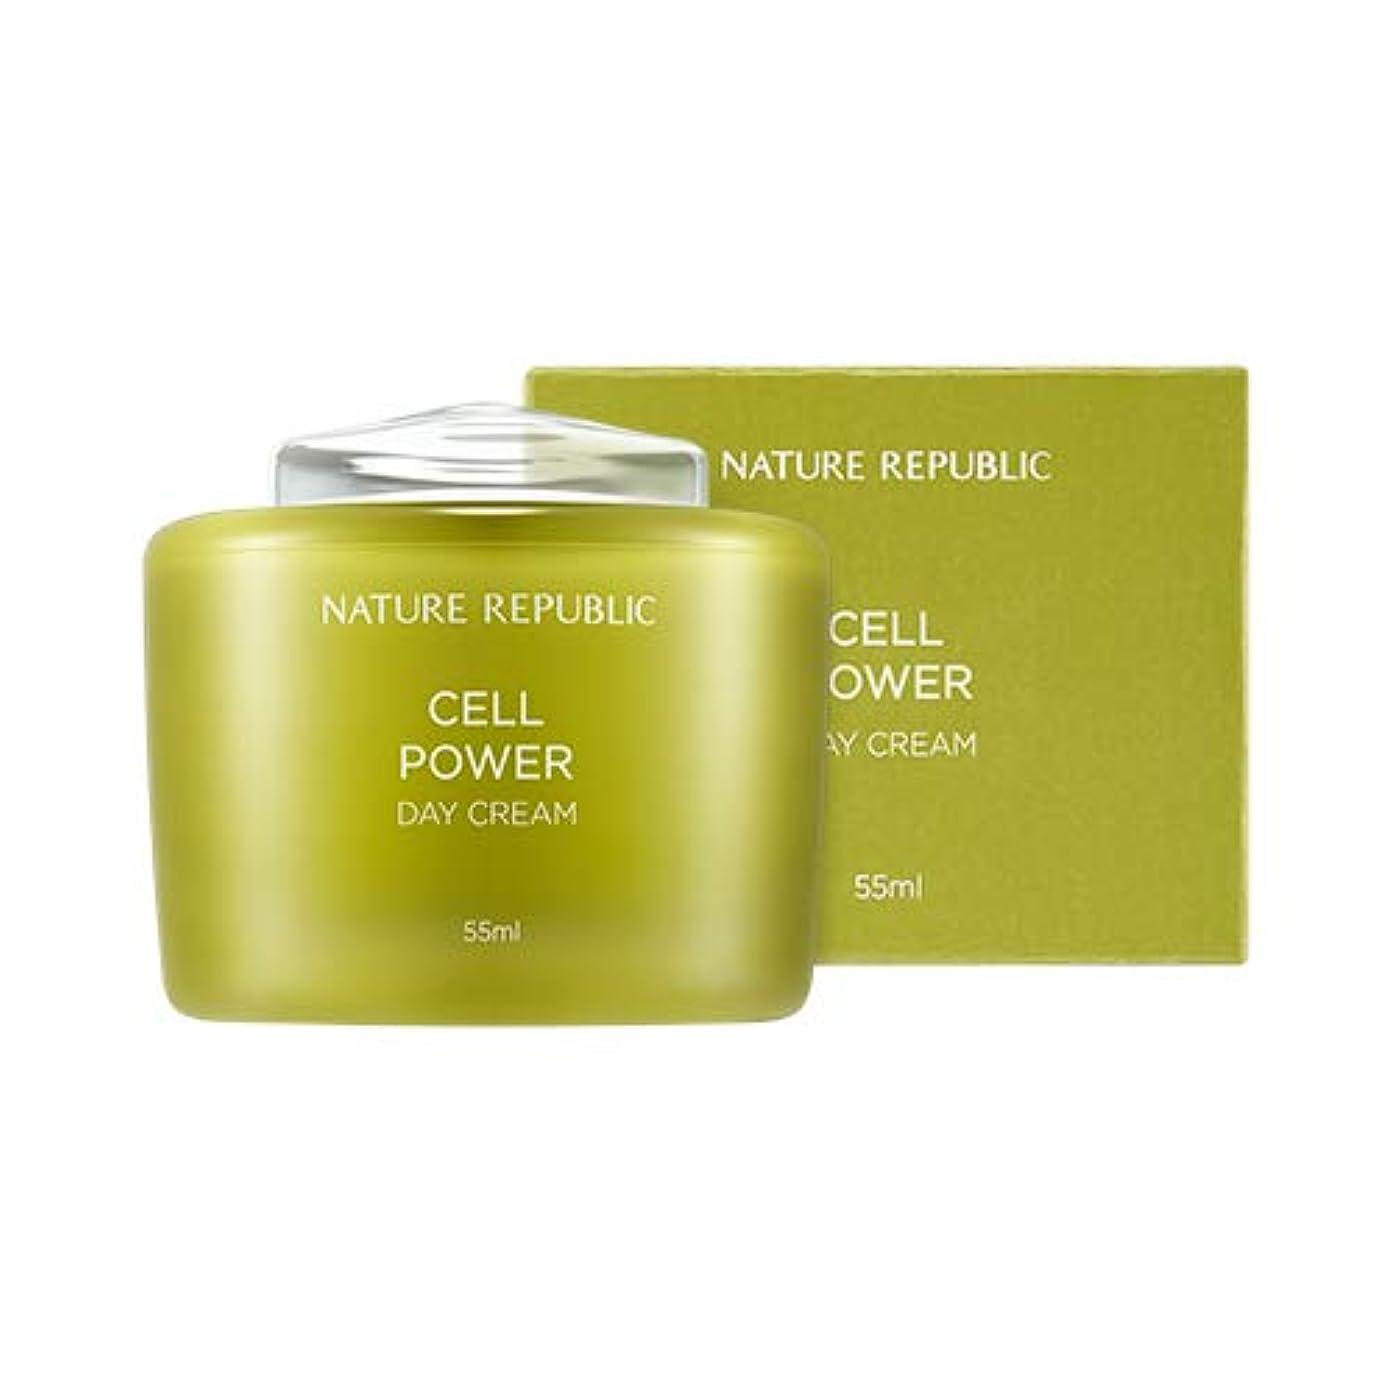 ローラー撃退する教えNATURE REPUBLIC Cell Power Day Cream/ネイチャーリパブリック セルパワー デイクリーム 55ml [並行輸入品]